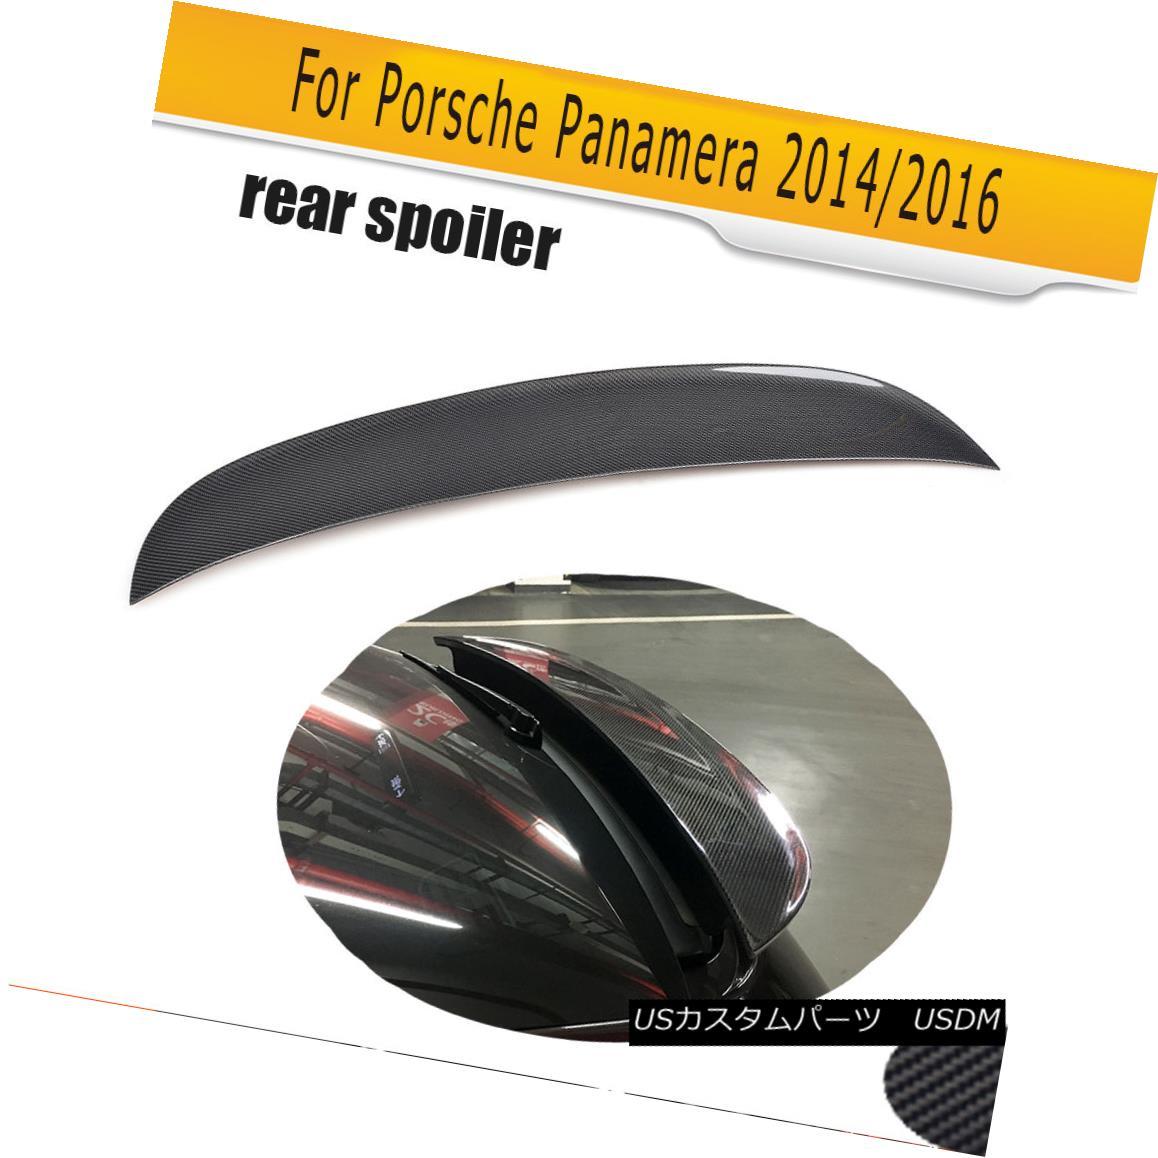 エアロパーツ Carbon Fiber Rear Trunk Duck Lid Spoiler Wing Fit for Porsche Panamera 2014 2016 カーボンファイバーリアトランクダックリッドスポイラーウィングフィットforポルシェPanamera 2014 2016